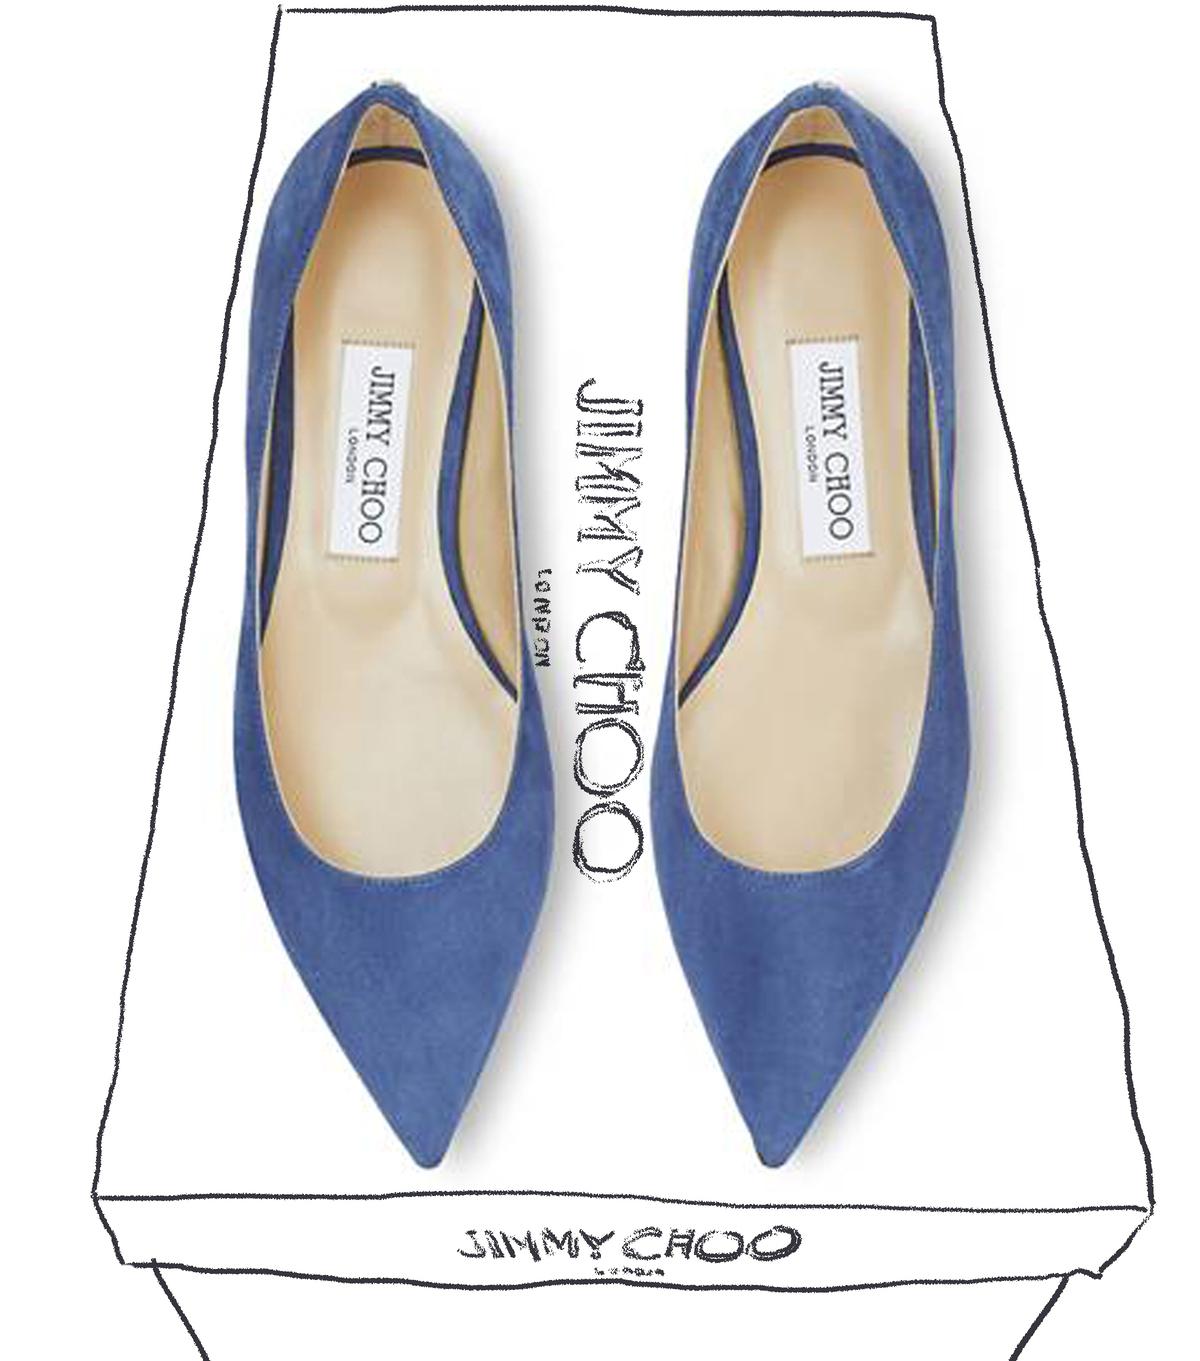 ファッション ジミー チュウのポインテッドトゥシューズ